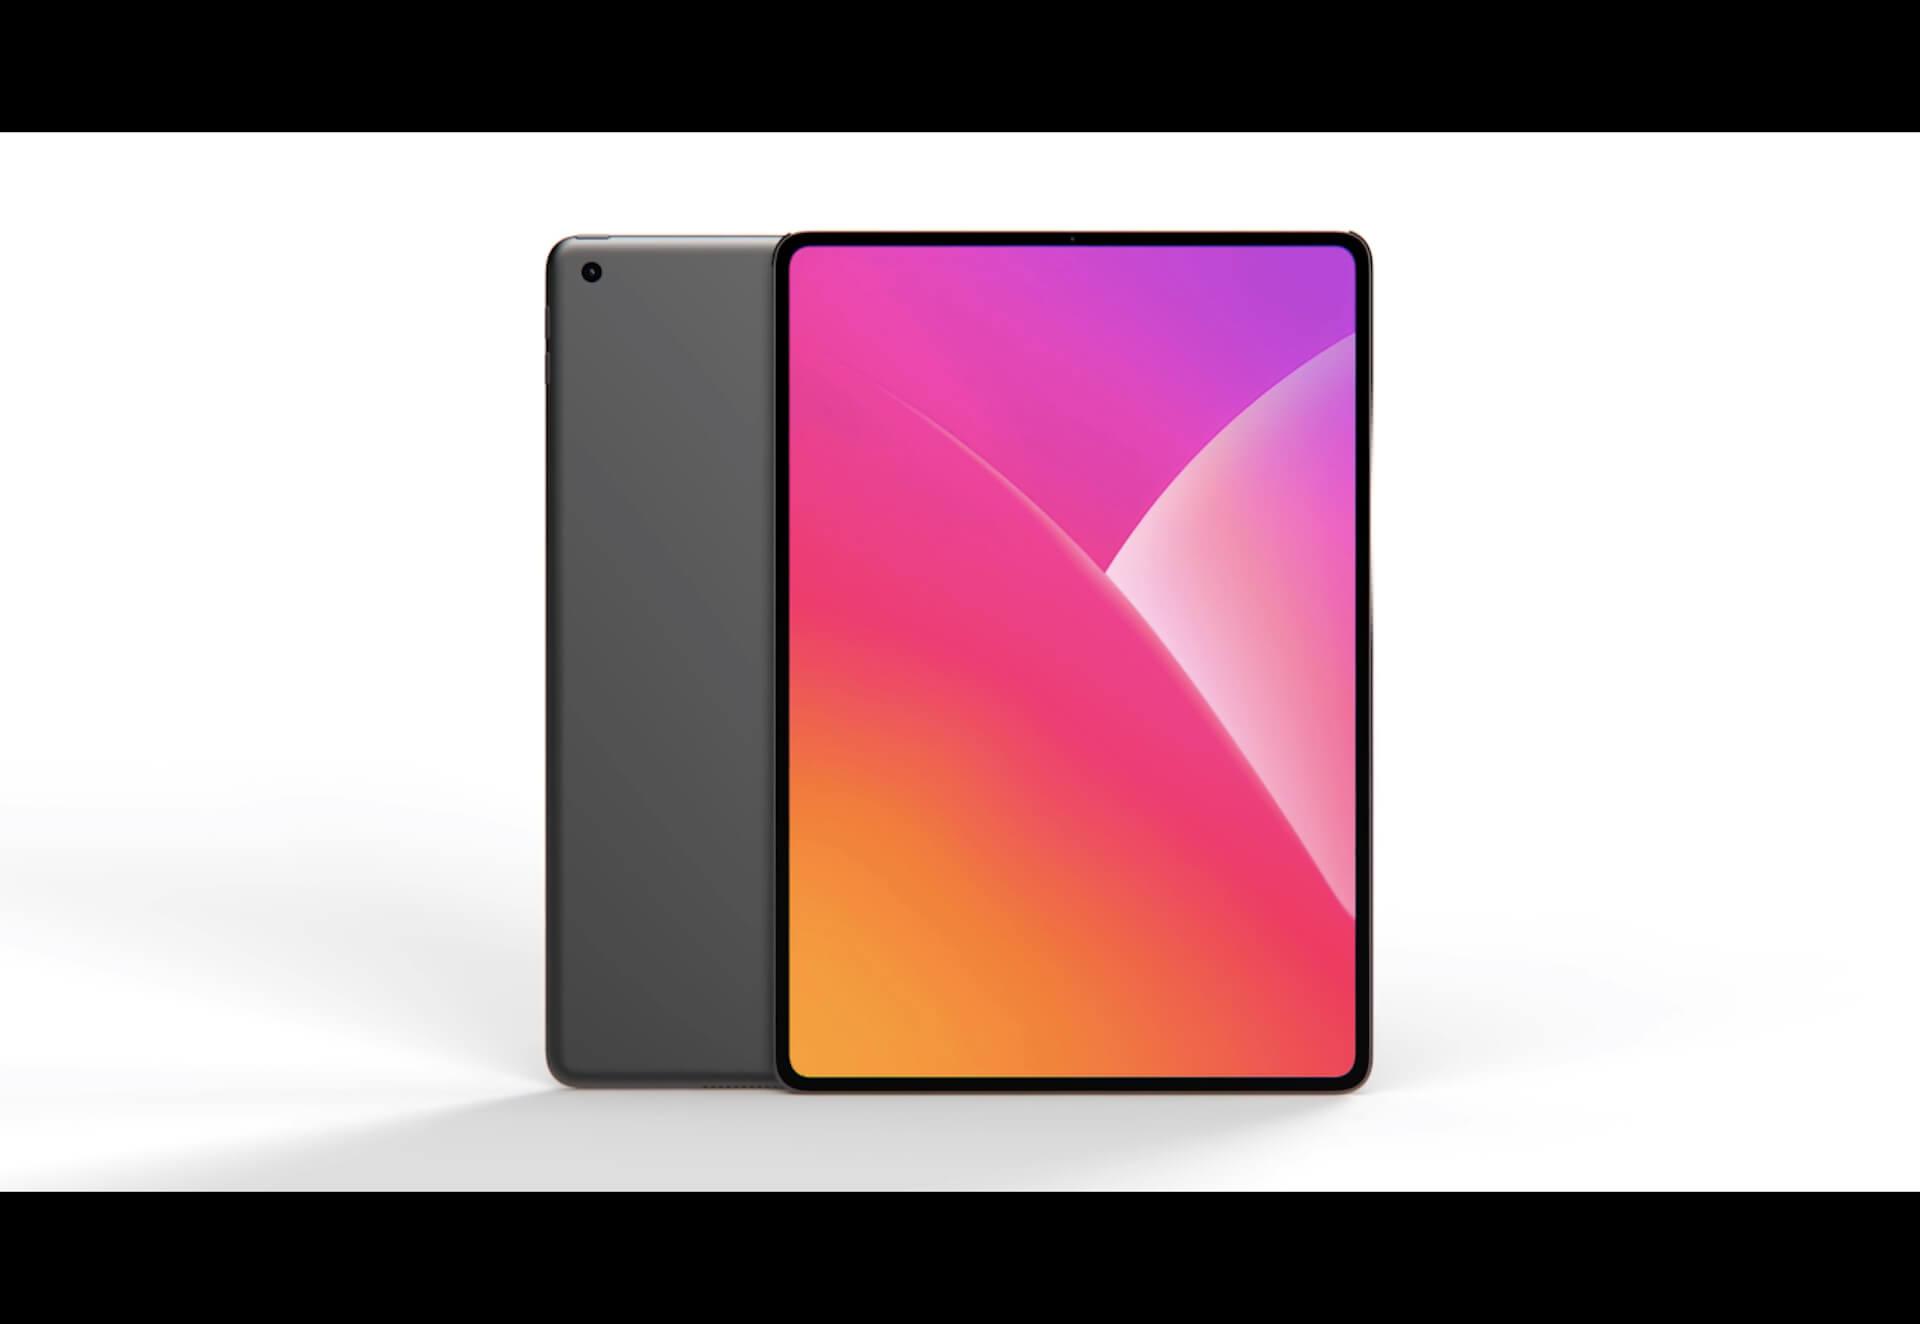 明日発表のiPad Airはやはり電源ボタンにTouch IDを搭載?来年iPad&iPad miniにも同機能採用か|著名アナリストが示唆 tech200915_ipad_main